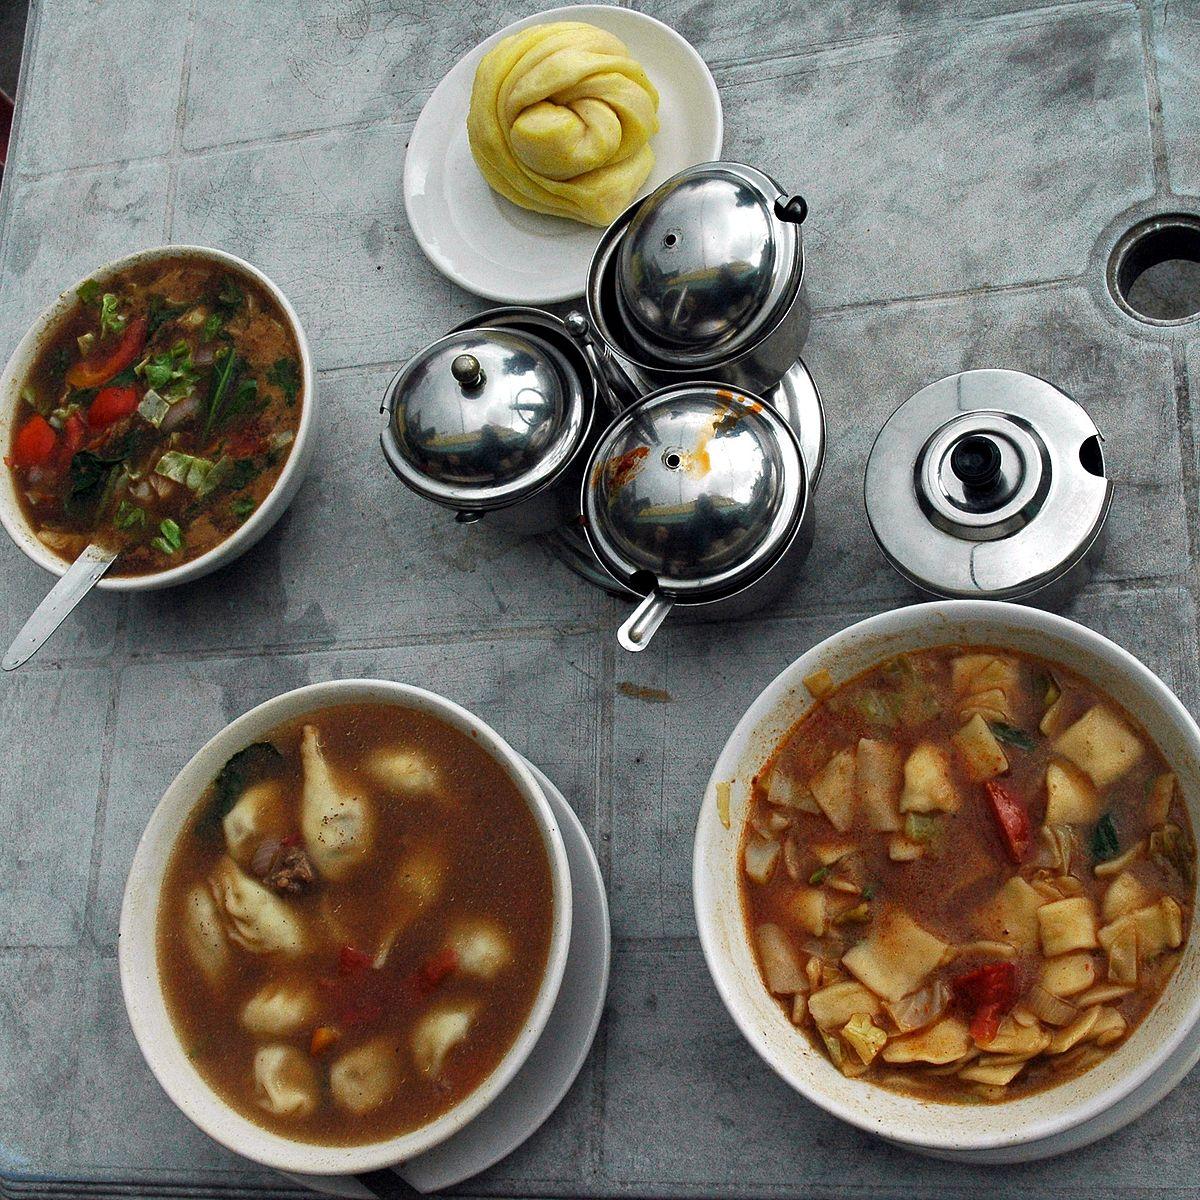 Nepalesische Küche | Kretische Kuche Wiki Helmut Paugger Autor Auf Villa Maria Kreta